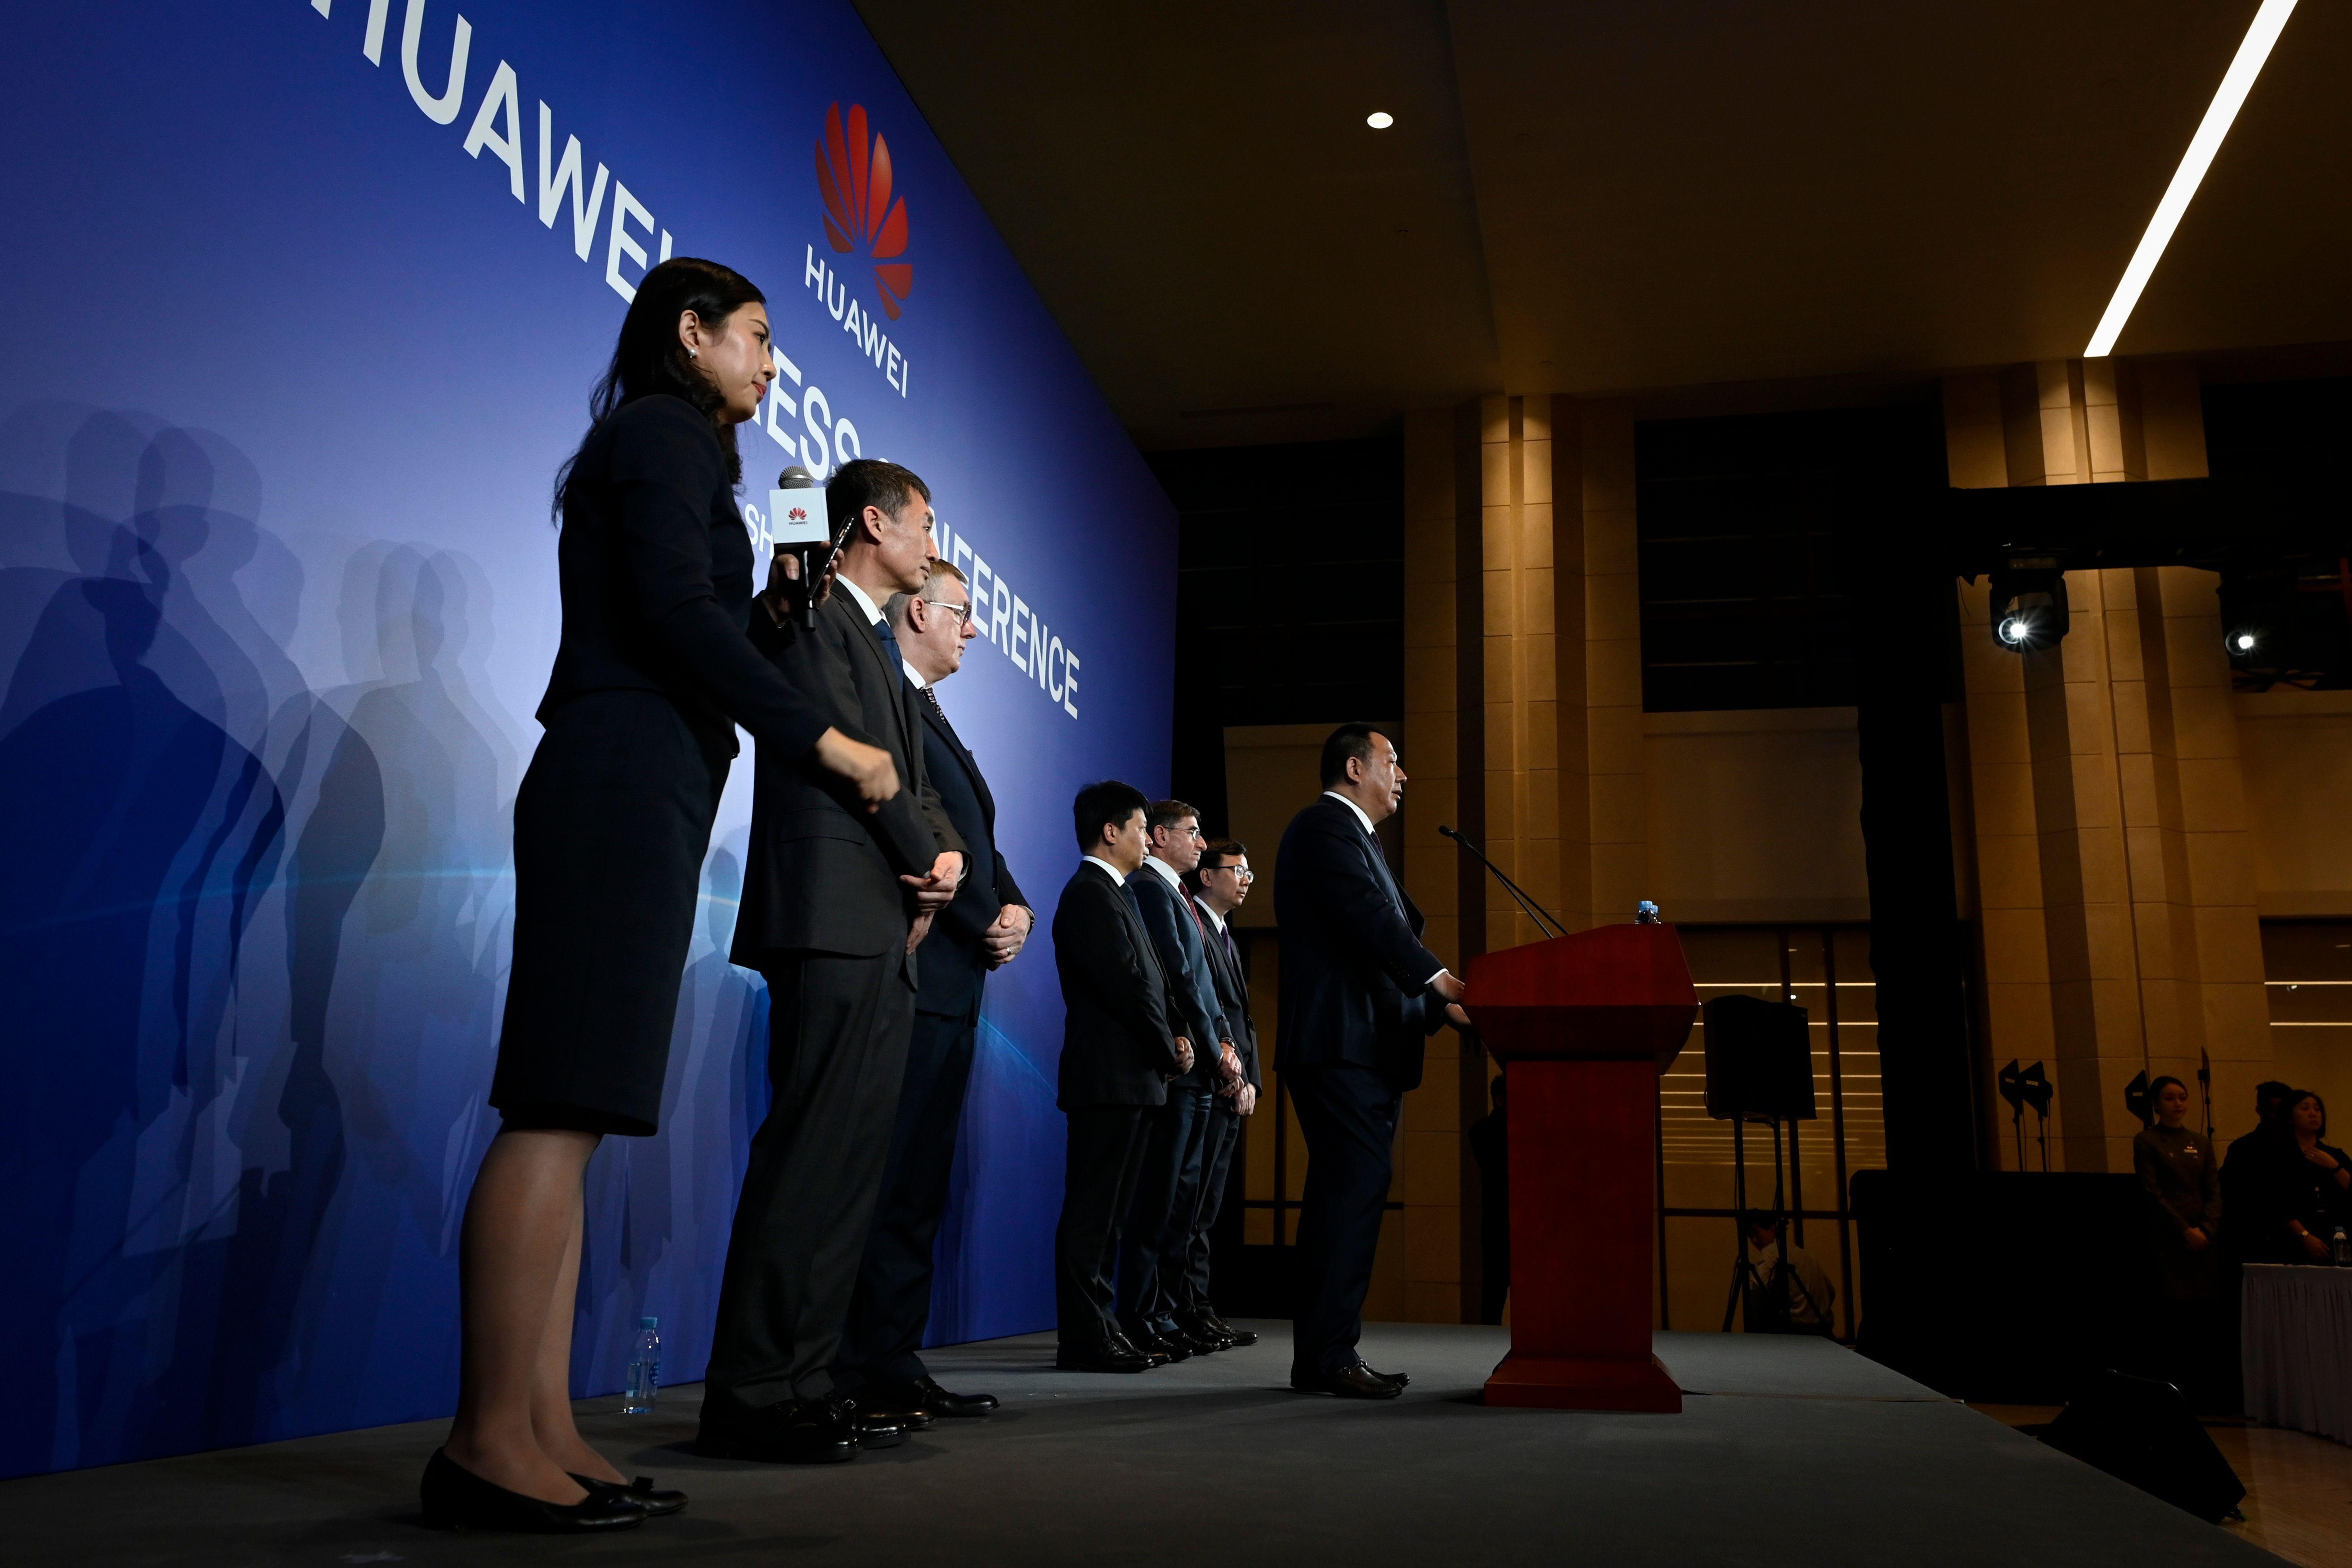 華為告美國政府 向全球暴露中共專制本質